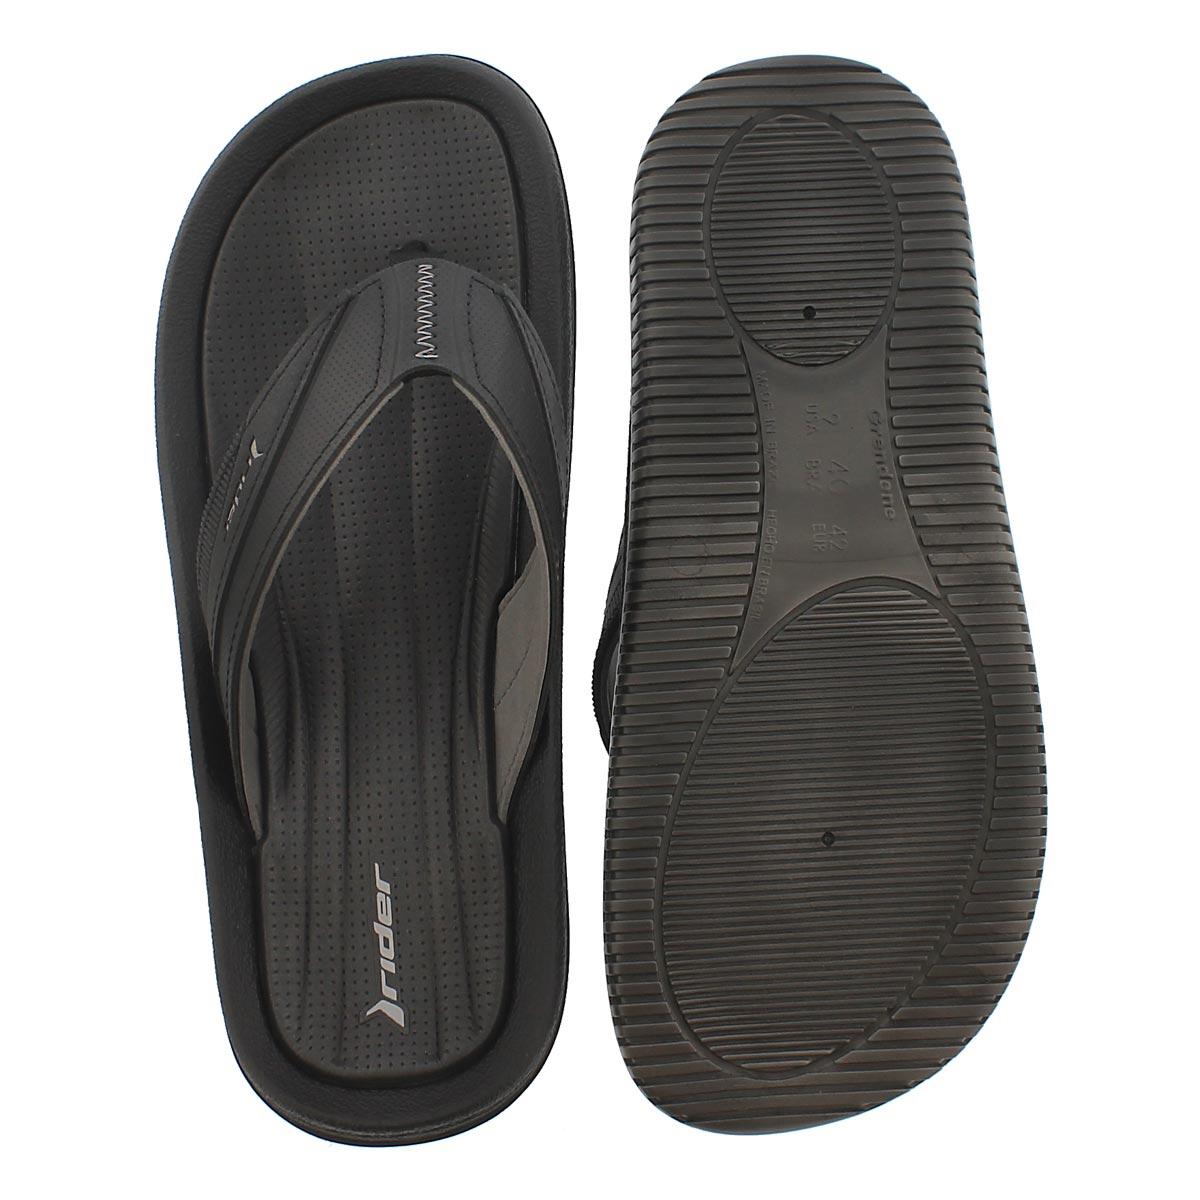 Sandale tong DUNAS XI, noir/gris, hommes